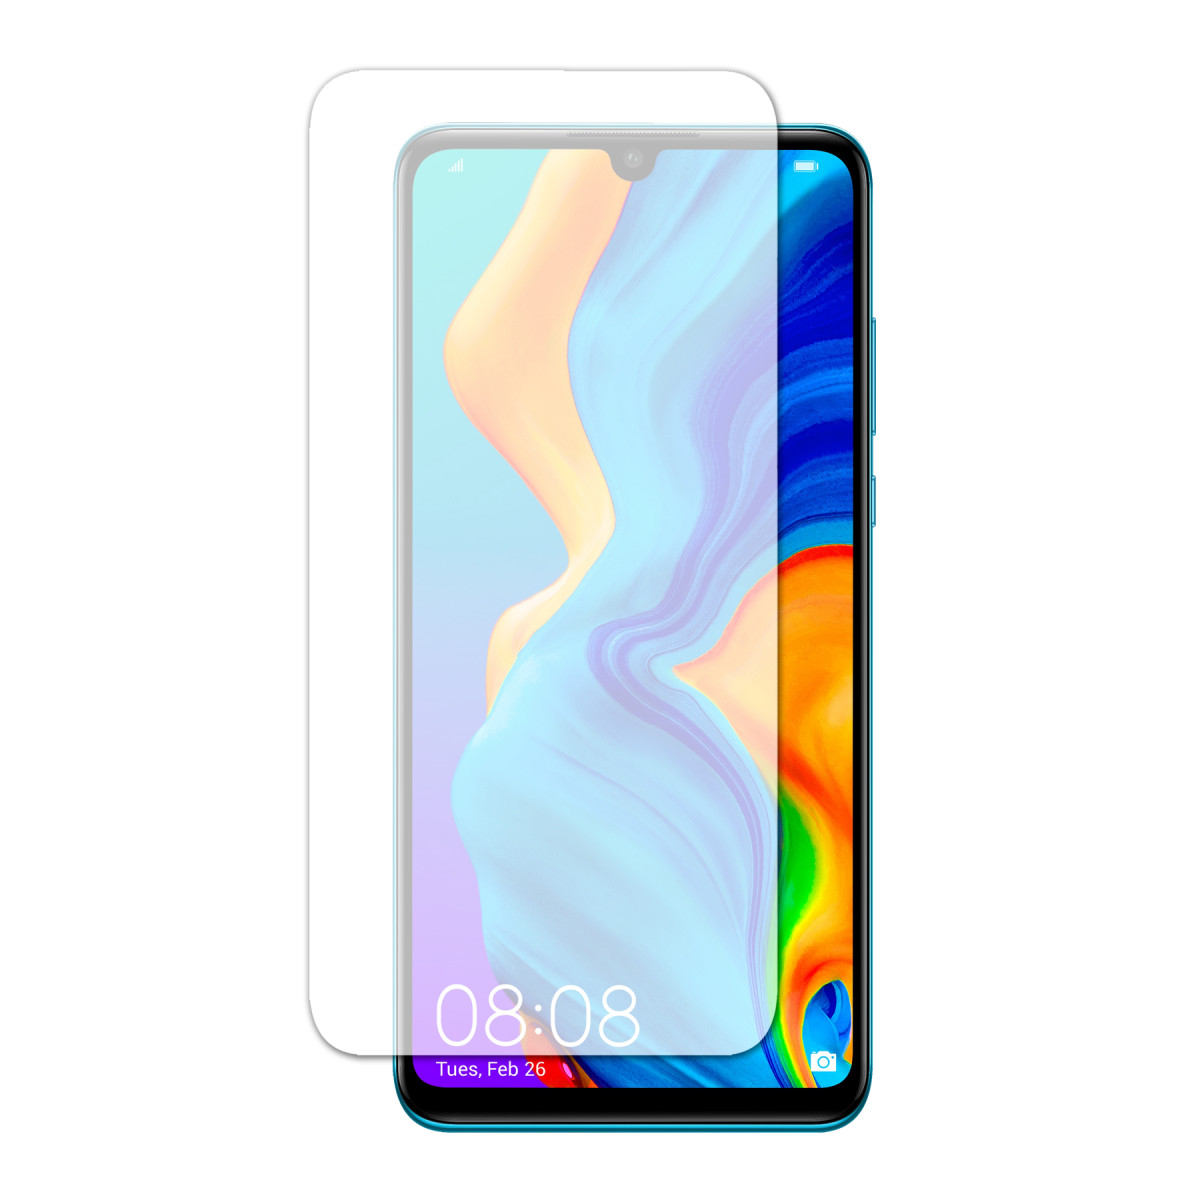 Гидрогелевая защитная пленка для смартфонов Huawei (Mate 8/Y9/P10/P20/P Smart/Nova 3 и другие)